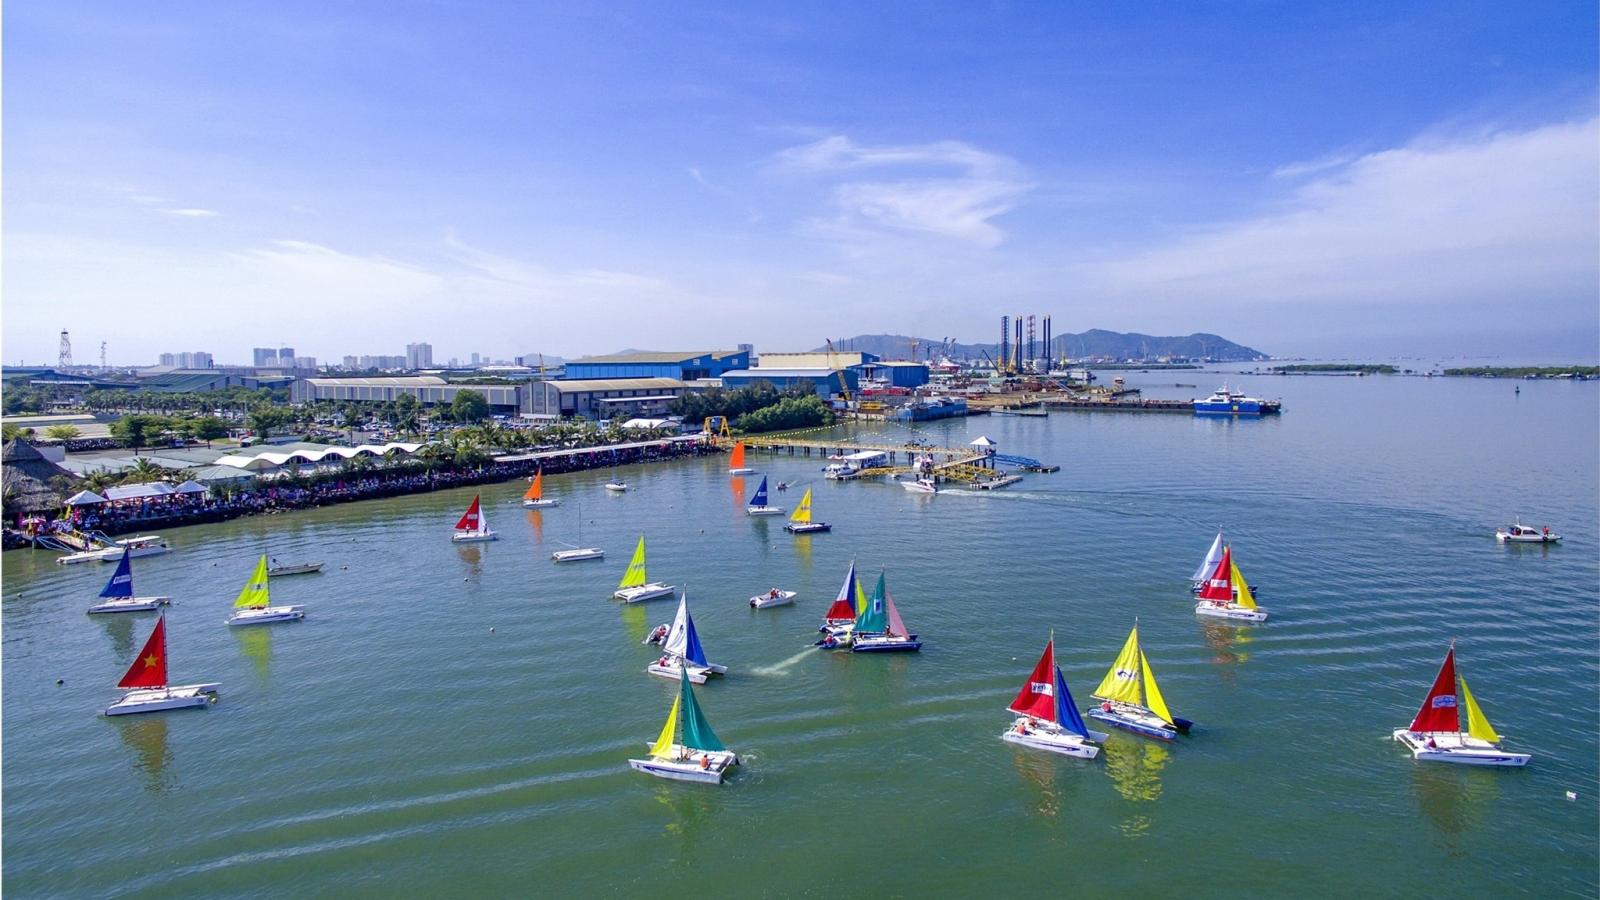 """Bà Rịa- Vũng Tàu: Nghịch lý """"bến tàu du lịch"""" lại bị cấm """"hoạt động du lịch""""?"""